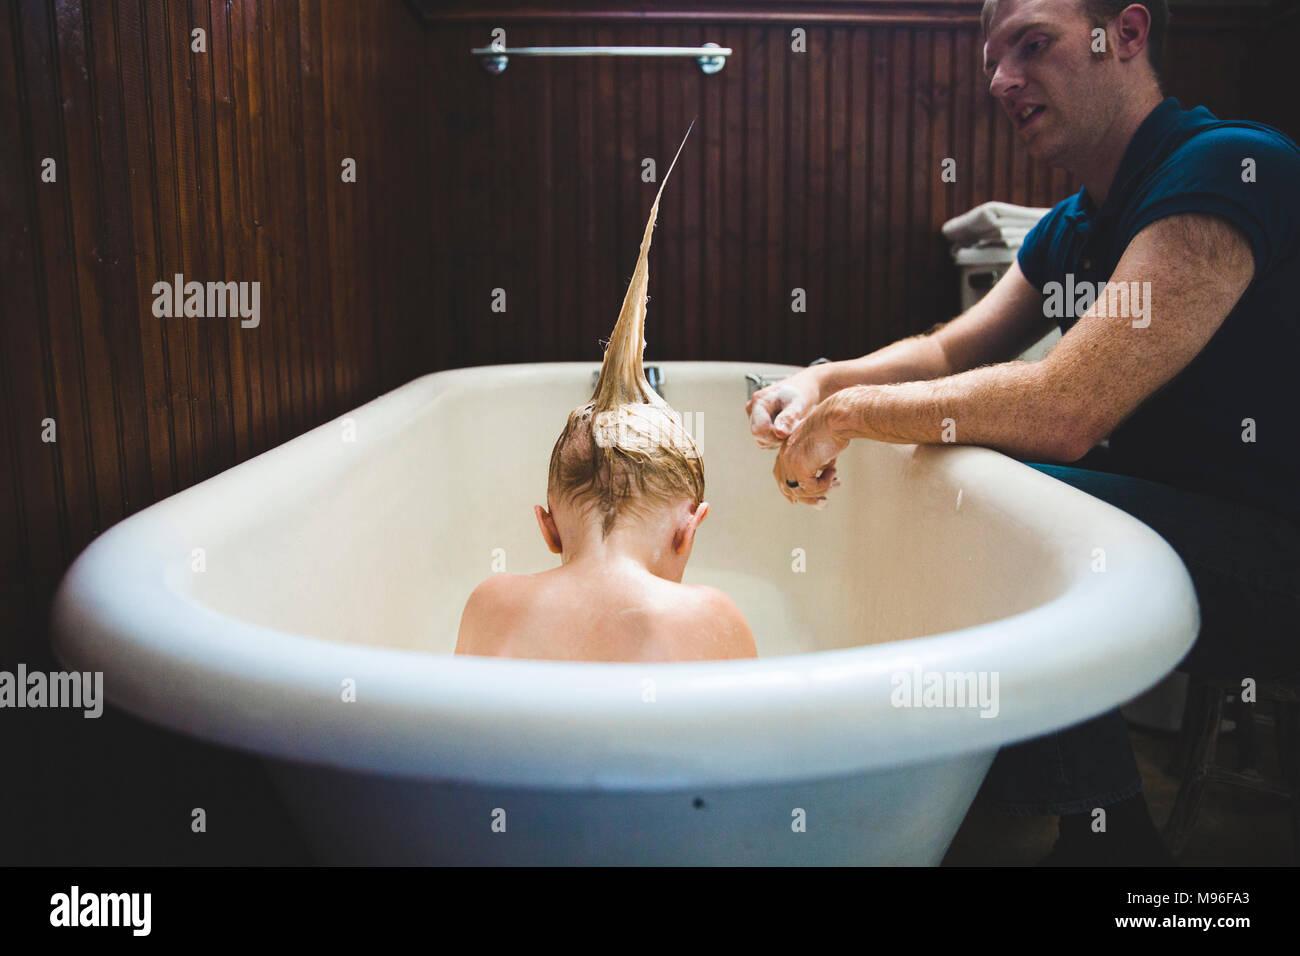 Père de l'enfant avec la coiffure hérissée de baignade Banque D'Images